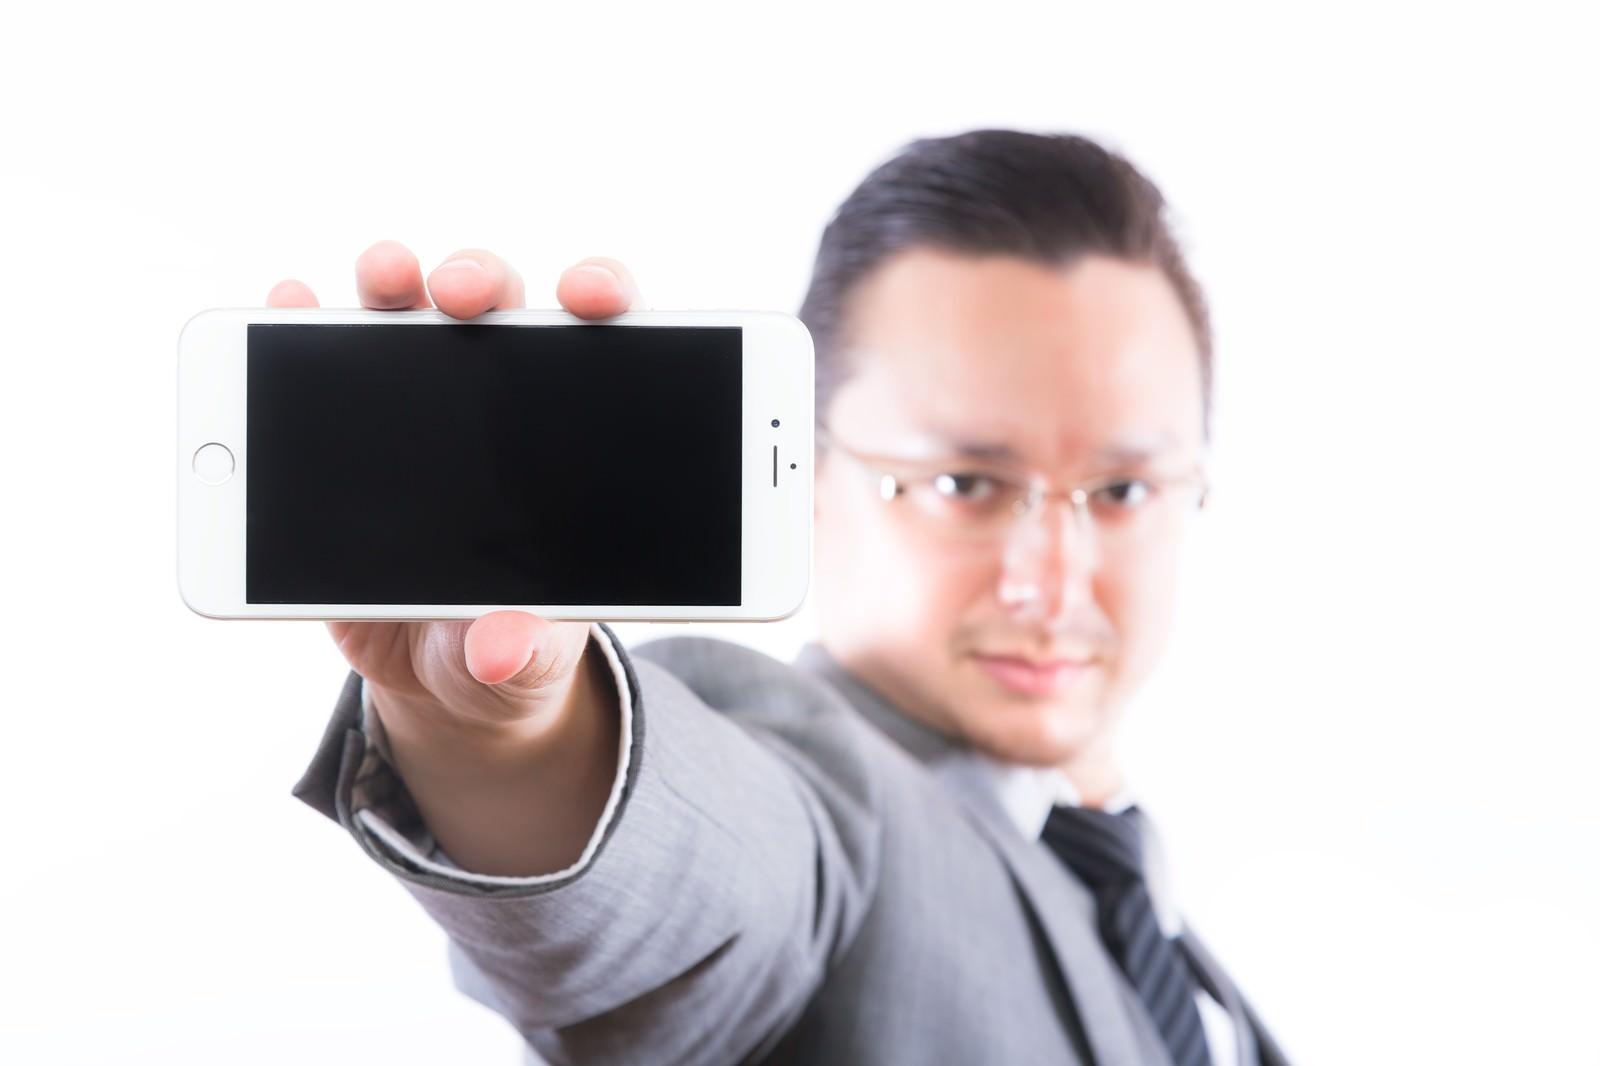 スマートフォンの画面(横)を見せるエンジニア